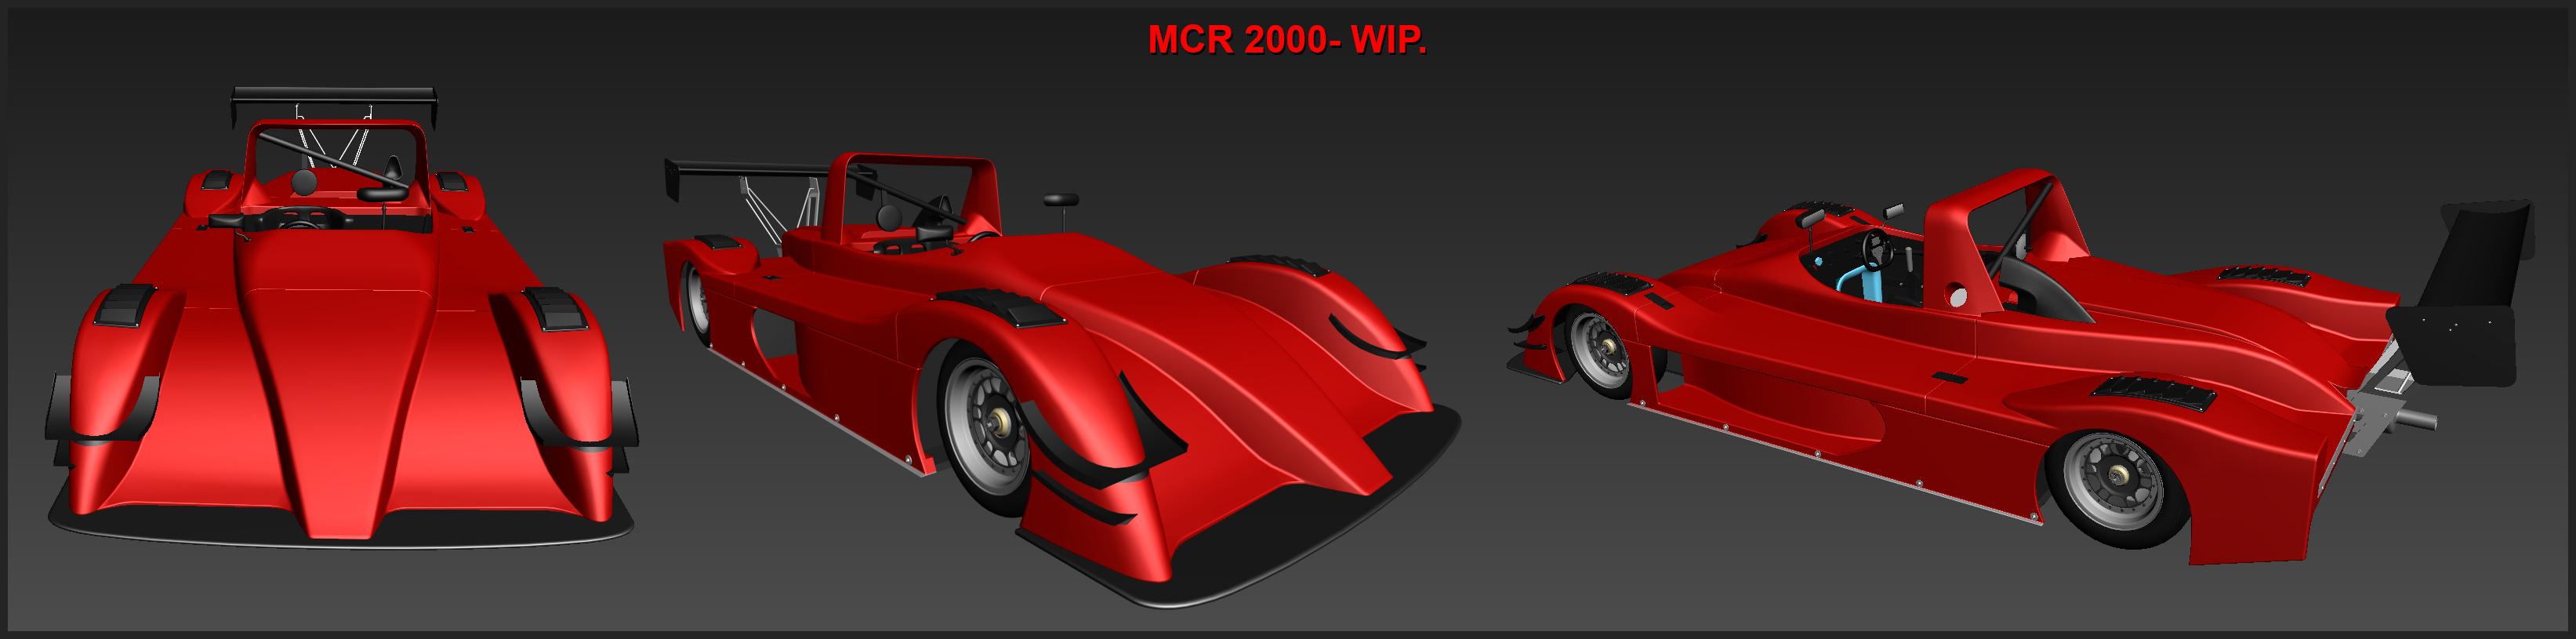 MCR-2000_WIP.jpg